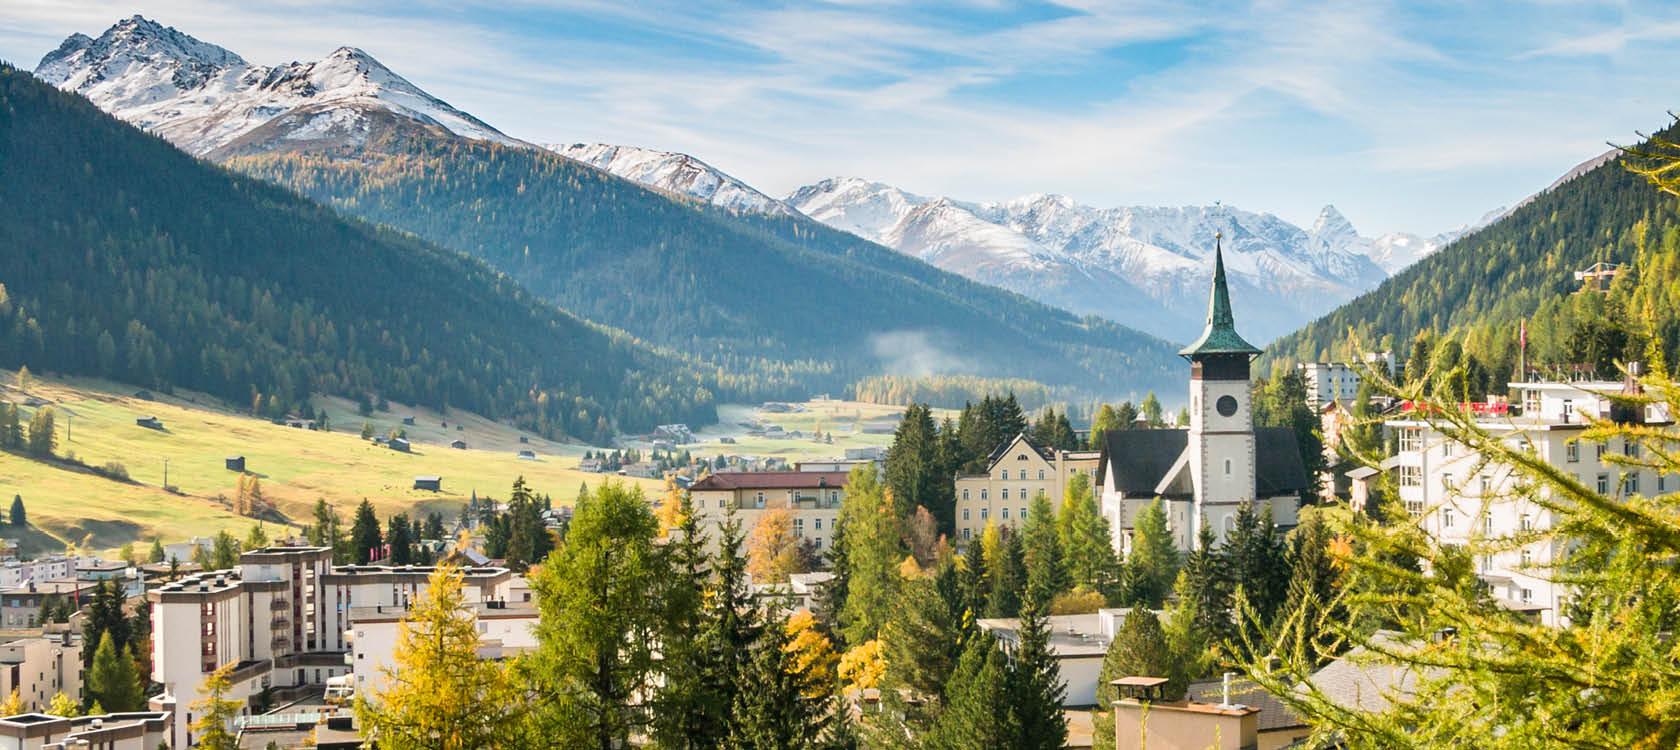 Fjällbyn Davos med grantoppar, berg och torn i Schweiz.